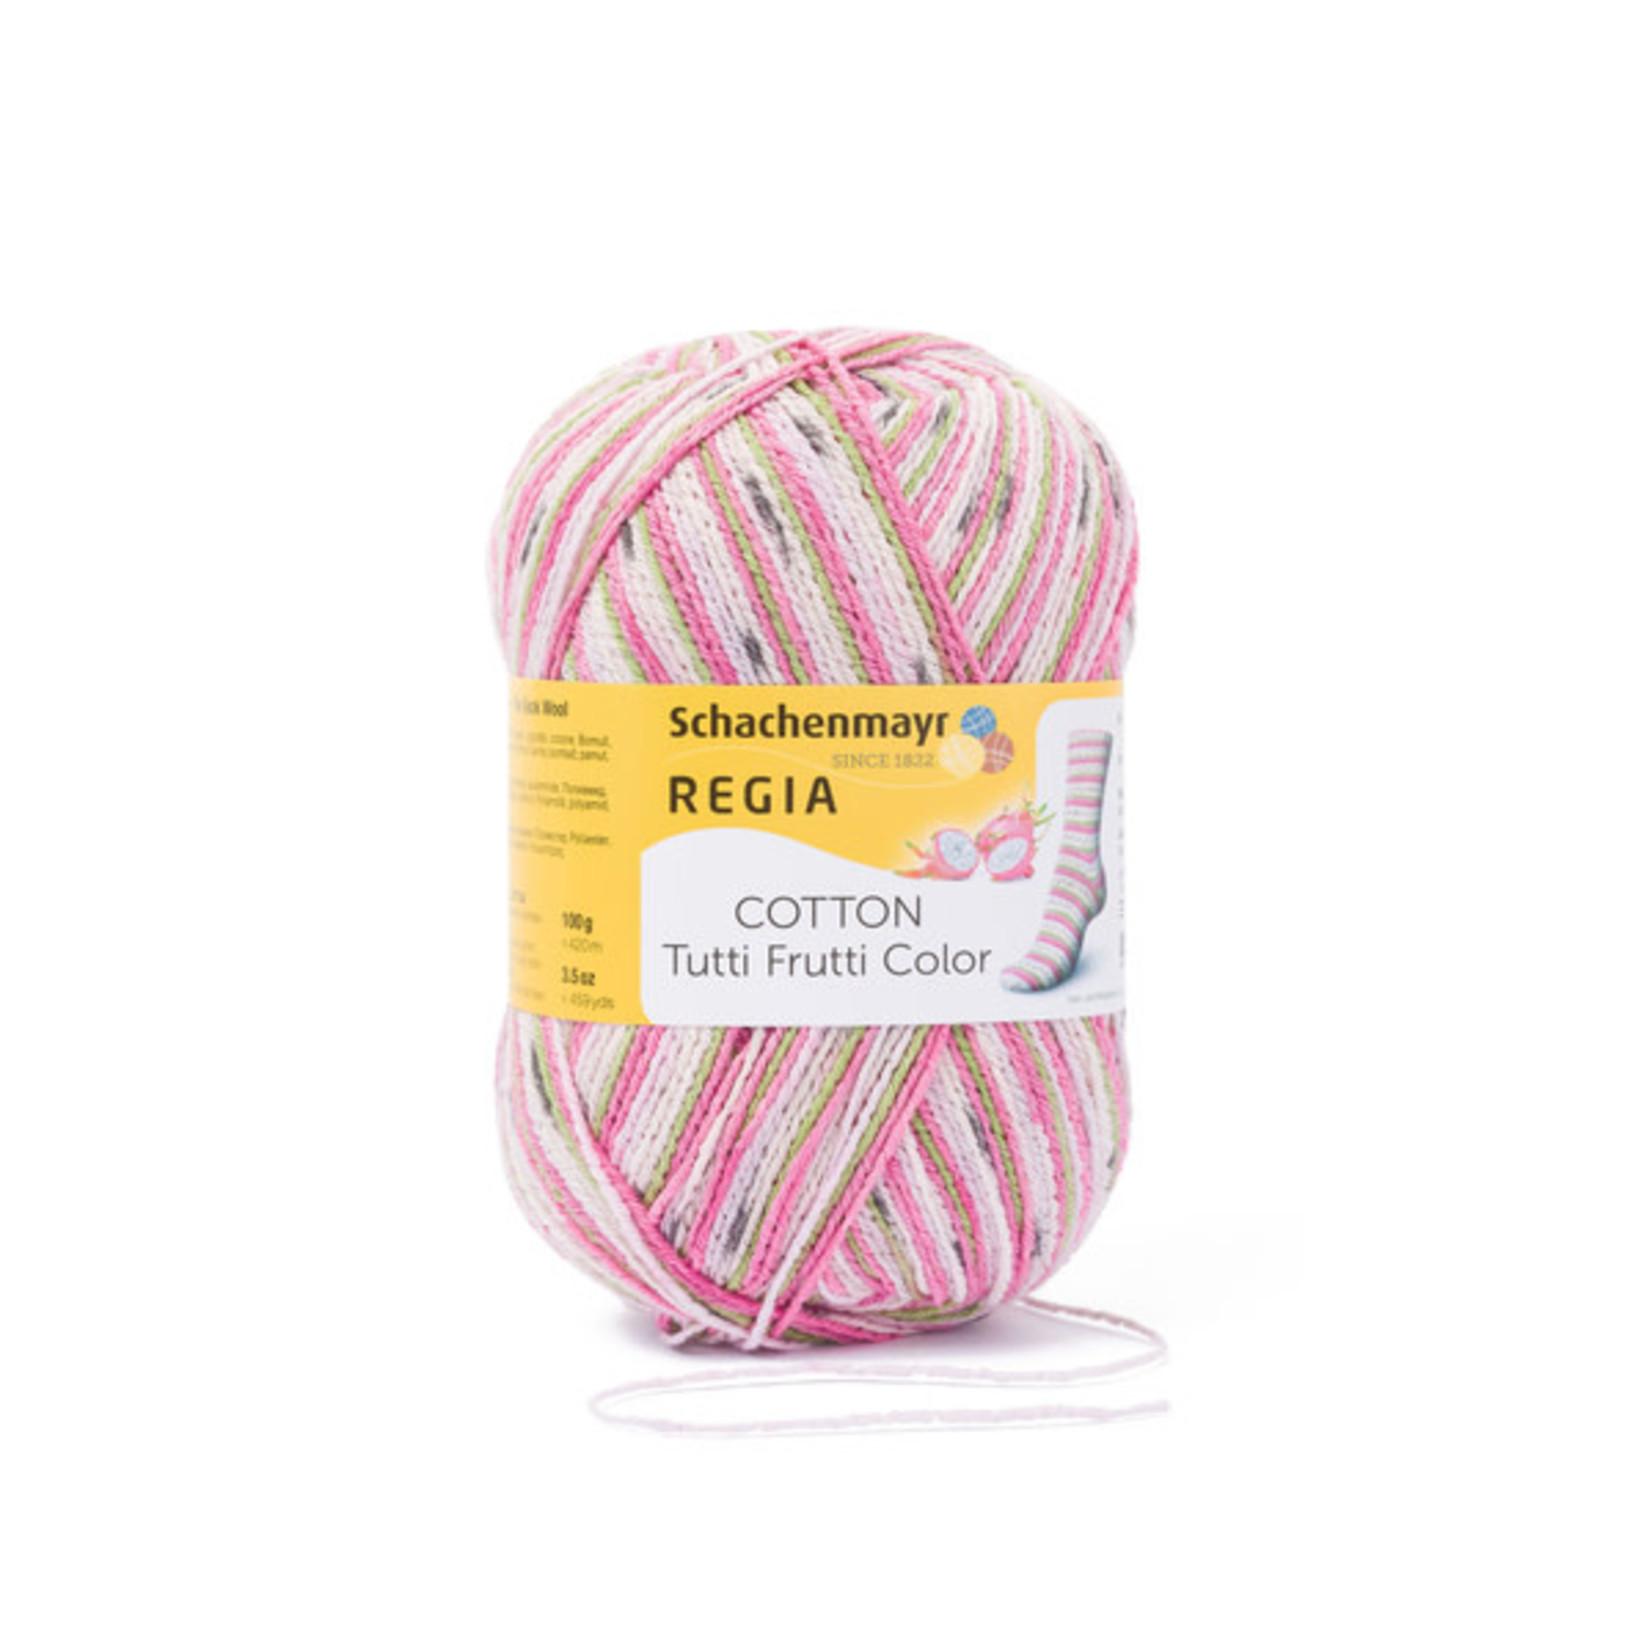 Schachenmayr Regia Cotton TF